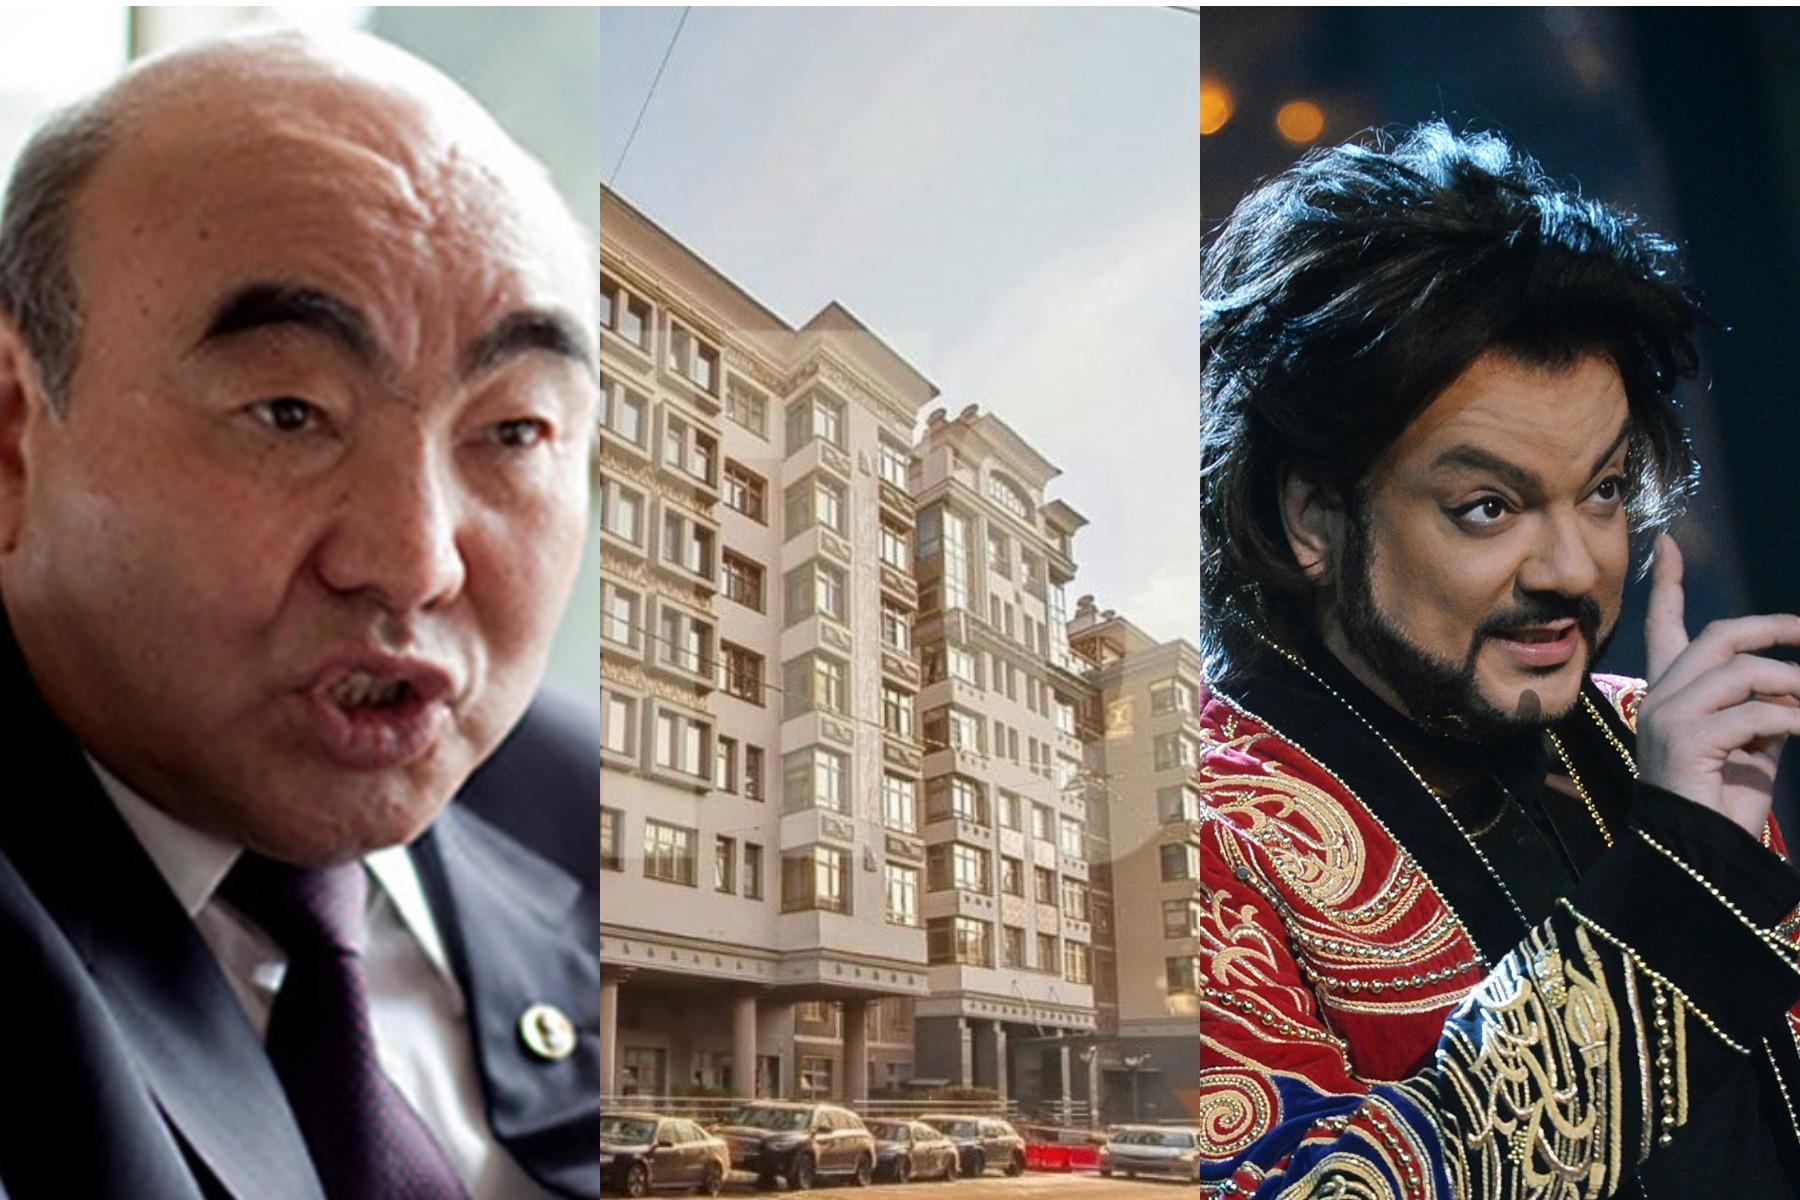 Аскар Акаев Москвадагы 1млрд рублдык «пентхаусун» Филипп Киркоровго саттыбы же?